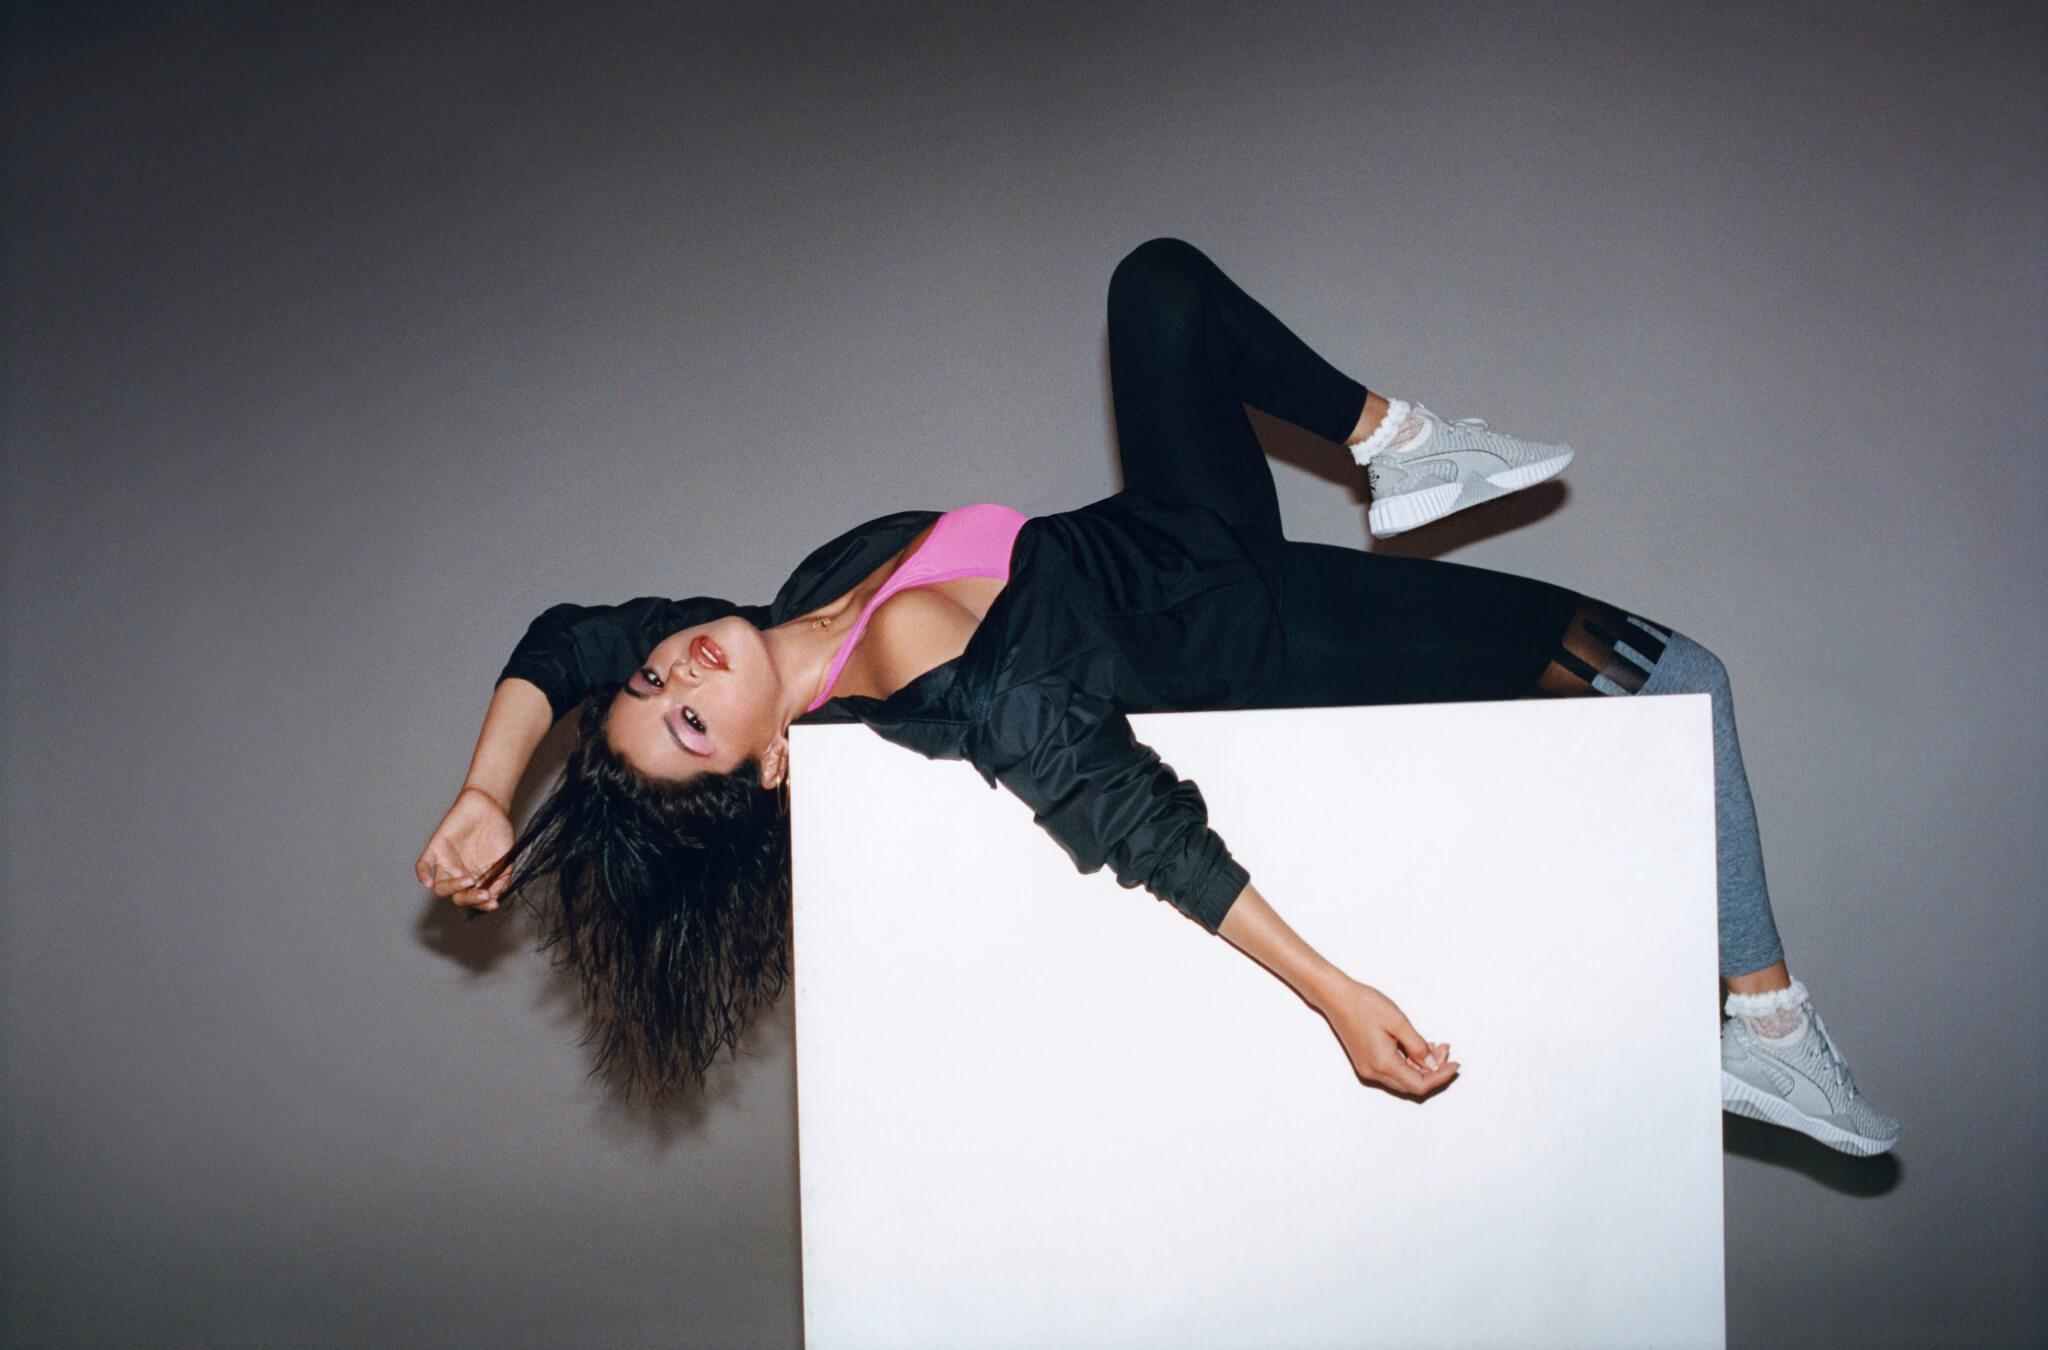 プーマ×セレーナ・ゴメス  初の共同プロデュースモデルとなる「Defy×SG」発表! fashion180916_pume-selenagomez_012